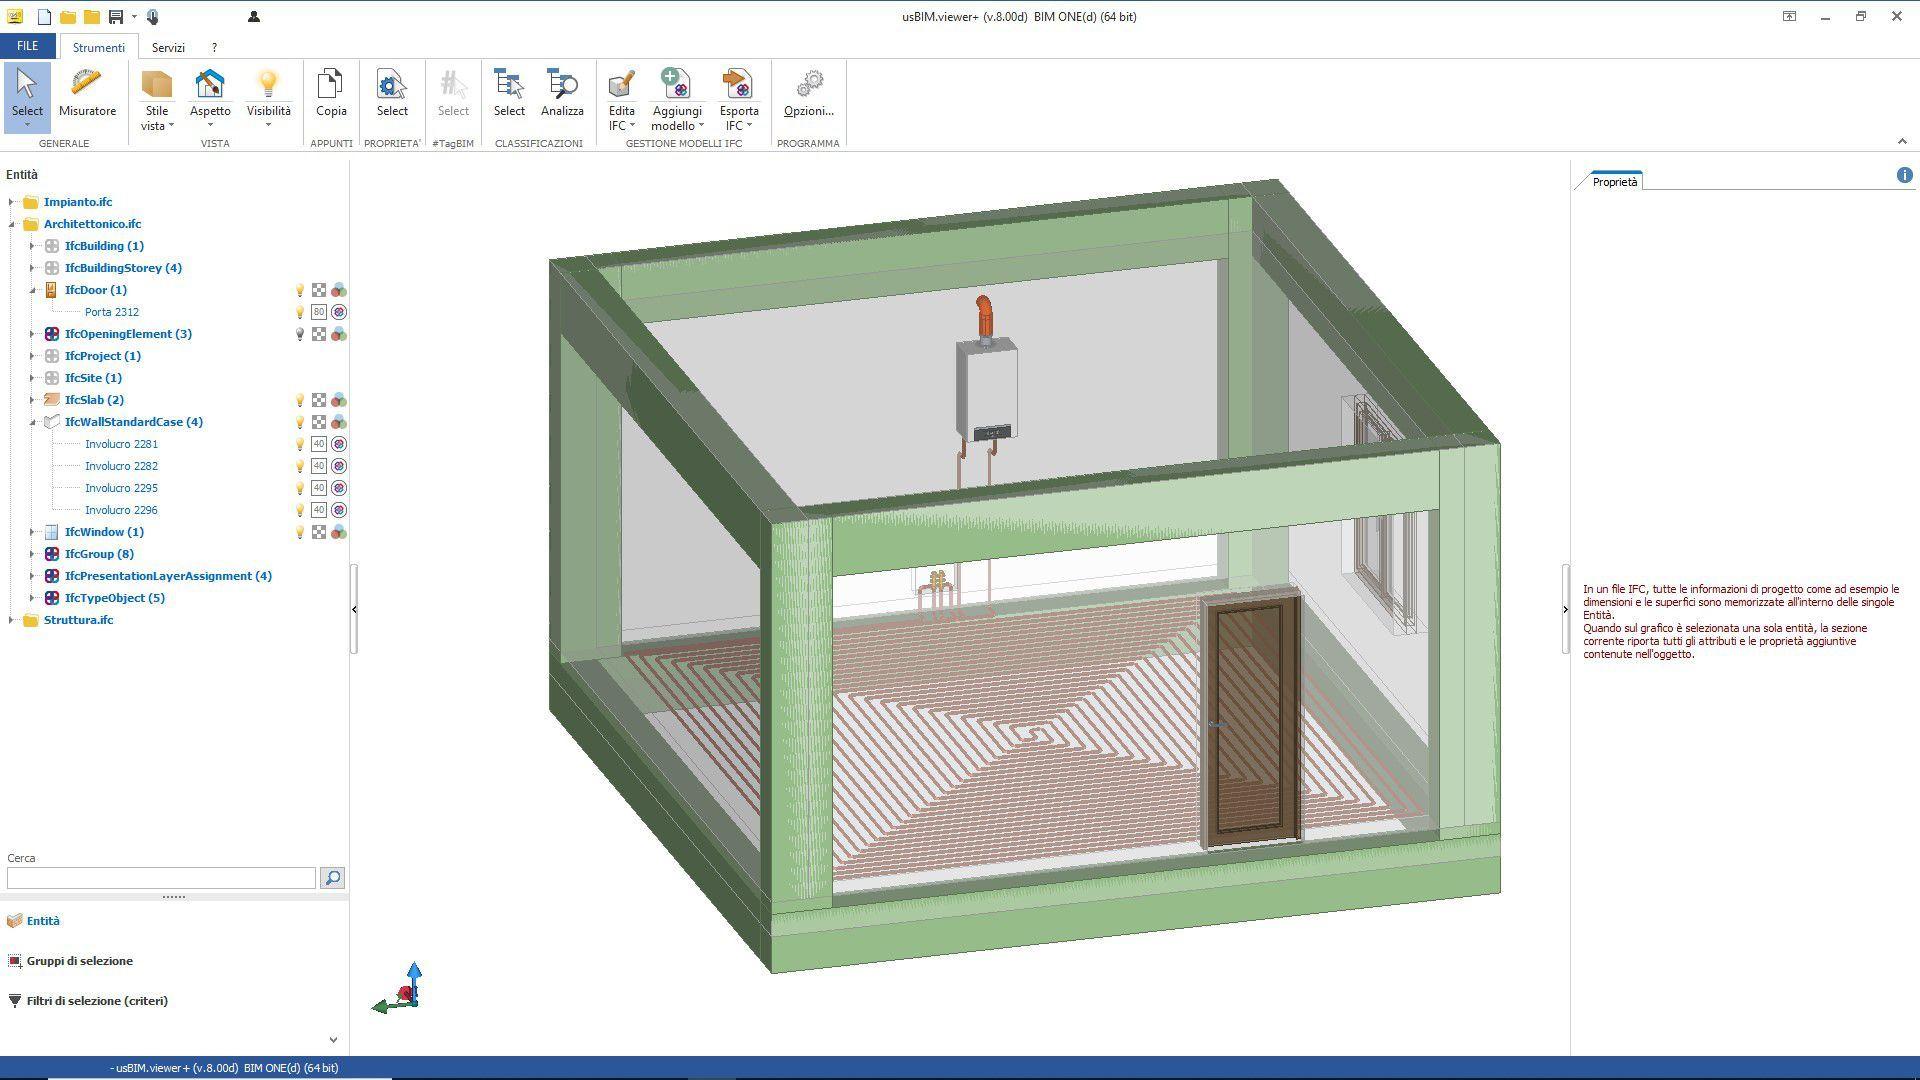 A tela dentro do software usBIM.viewer+ mostra a federacao dos modelos arquitetonico, estrutural e de instalacoes mep